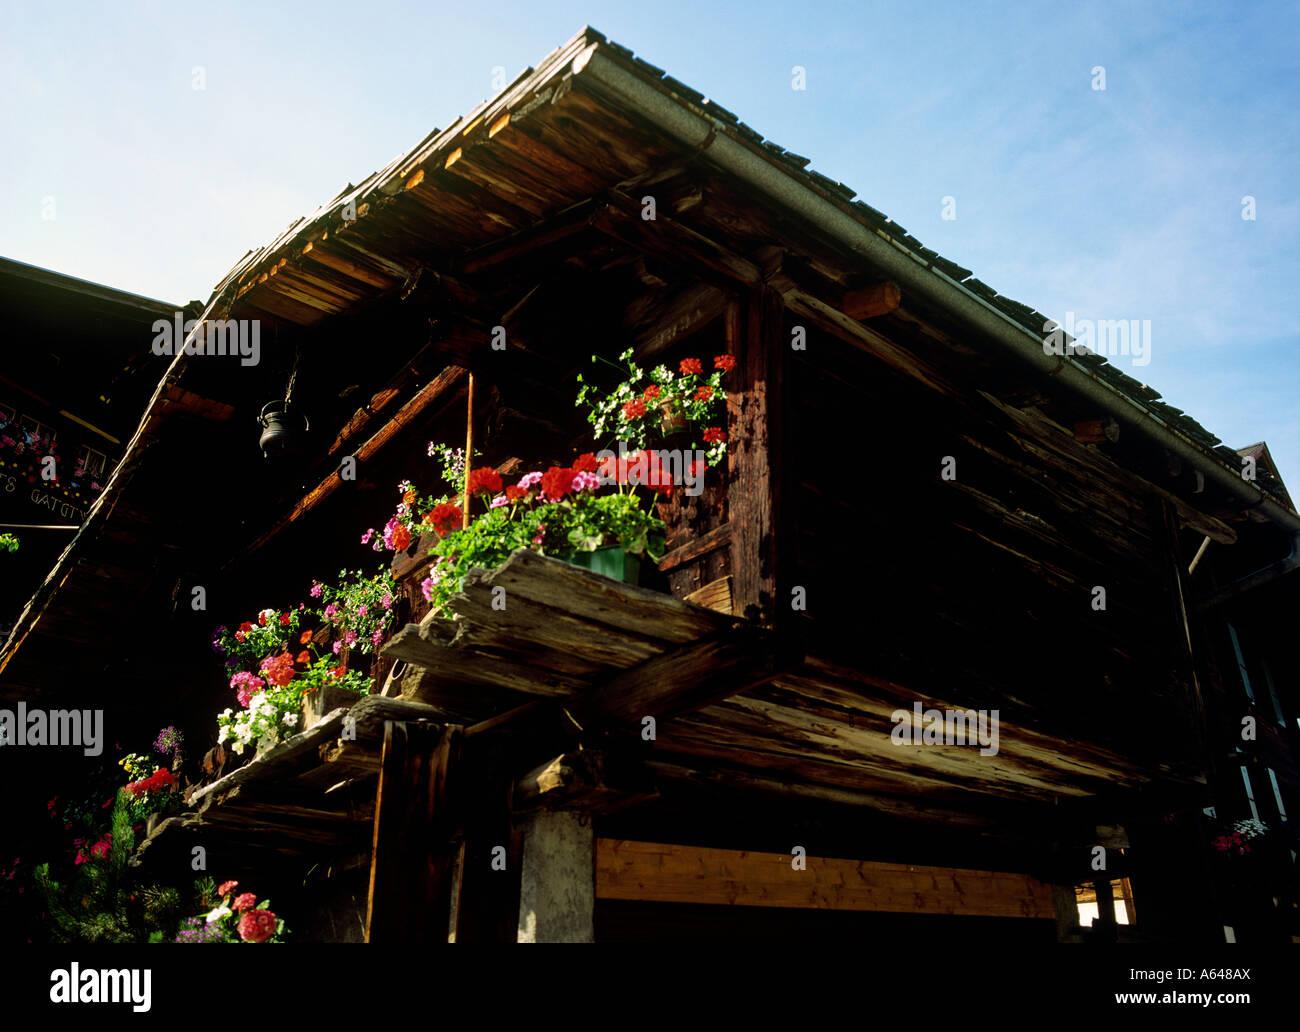 Tradizionale ornato di fiori sparso villaggio della regione murren di Altopiano bernese swiss alpes cantone di Berna Foto Stock